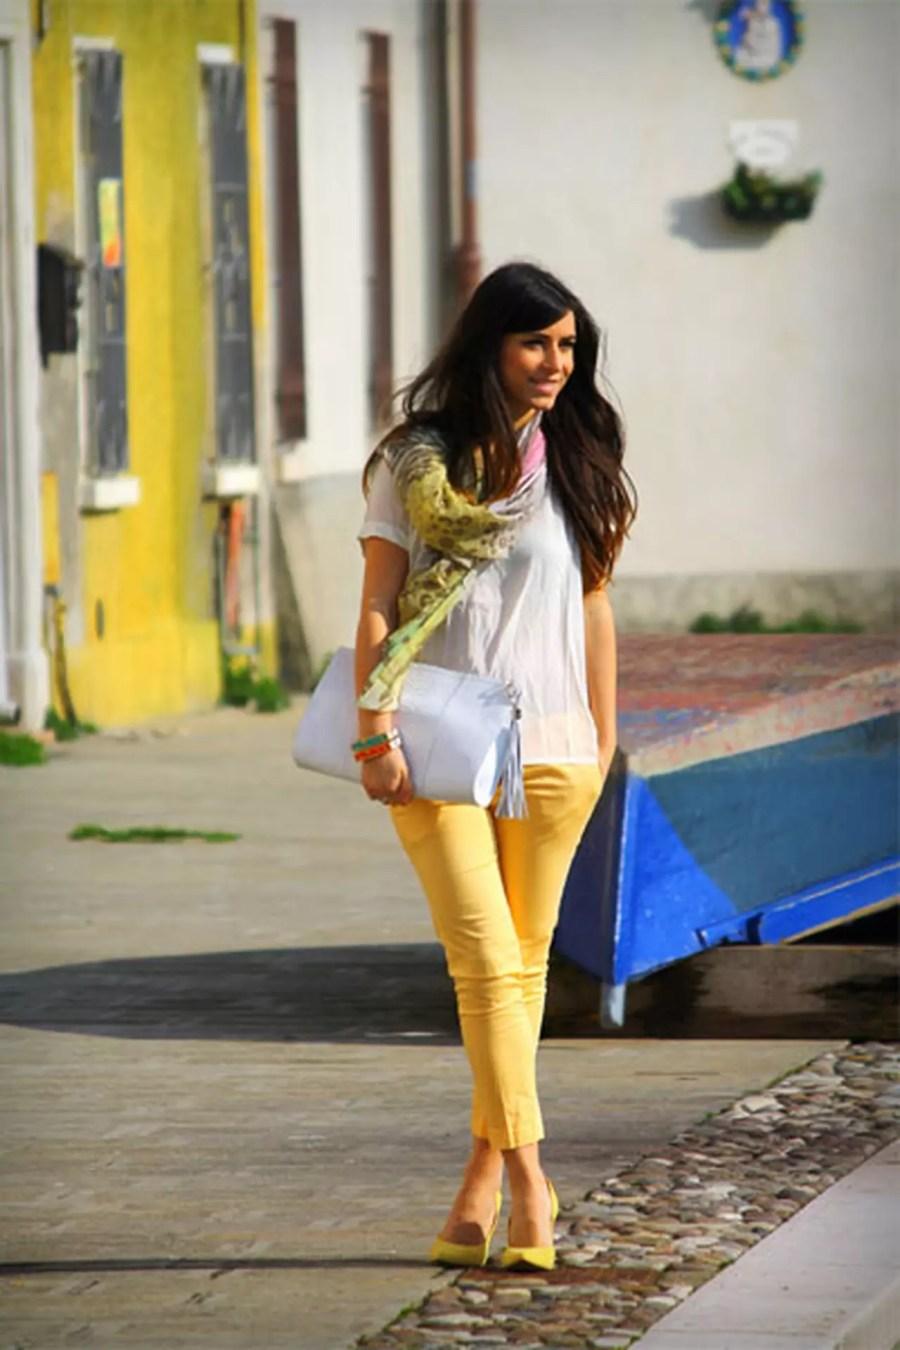 كيف ترتدين اللون الأصفر بدرجاته لطلة نابضة بالحيوية